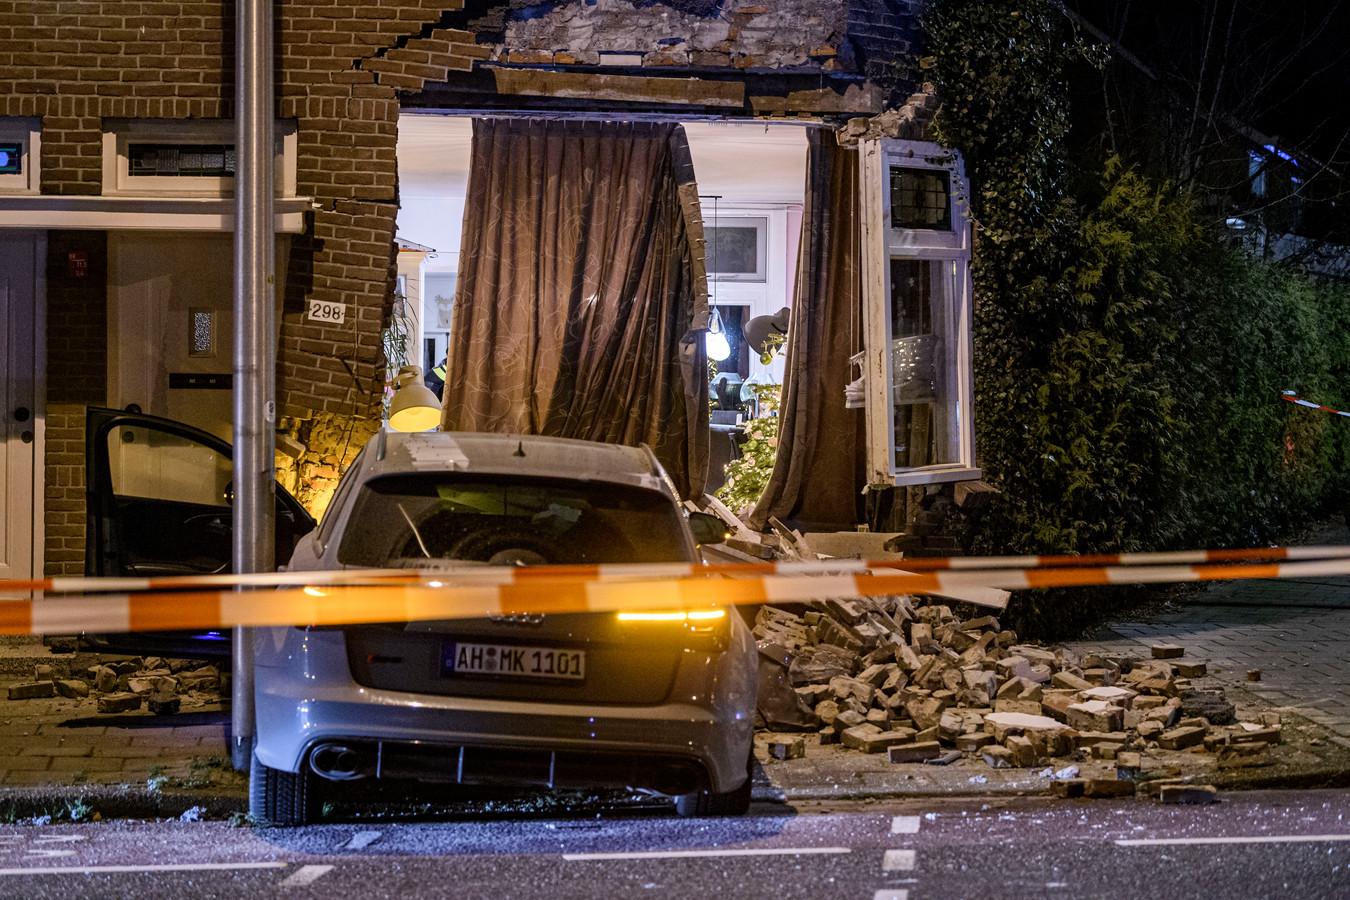 Met een Audi RS6 knalde een 18-jarige bestuurder eind 2020 tegen de gevel van een huis aan de Deurningerstraat in Enschede. De bewoners zitten nog altijd met de brokken.